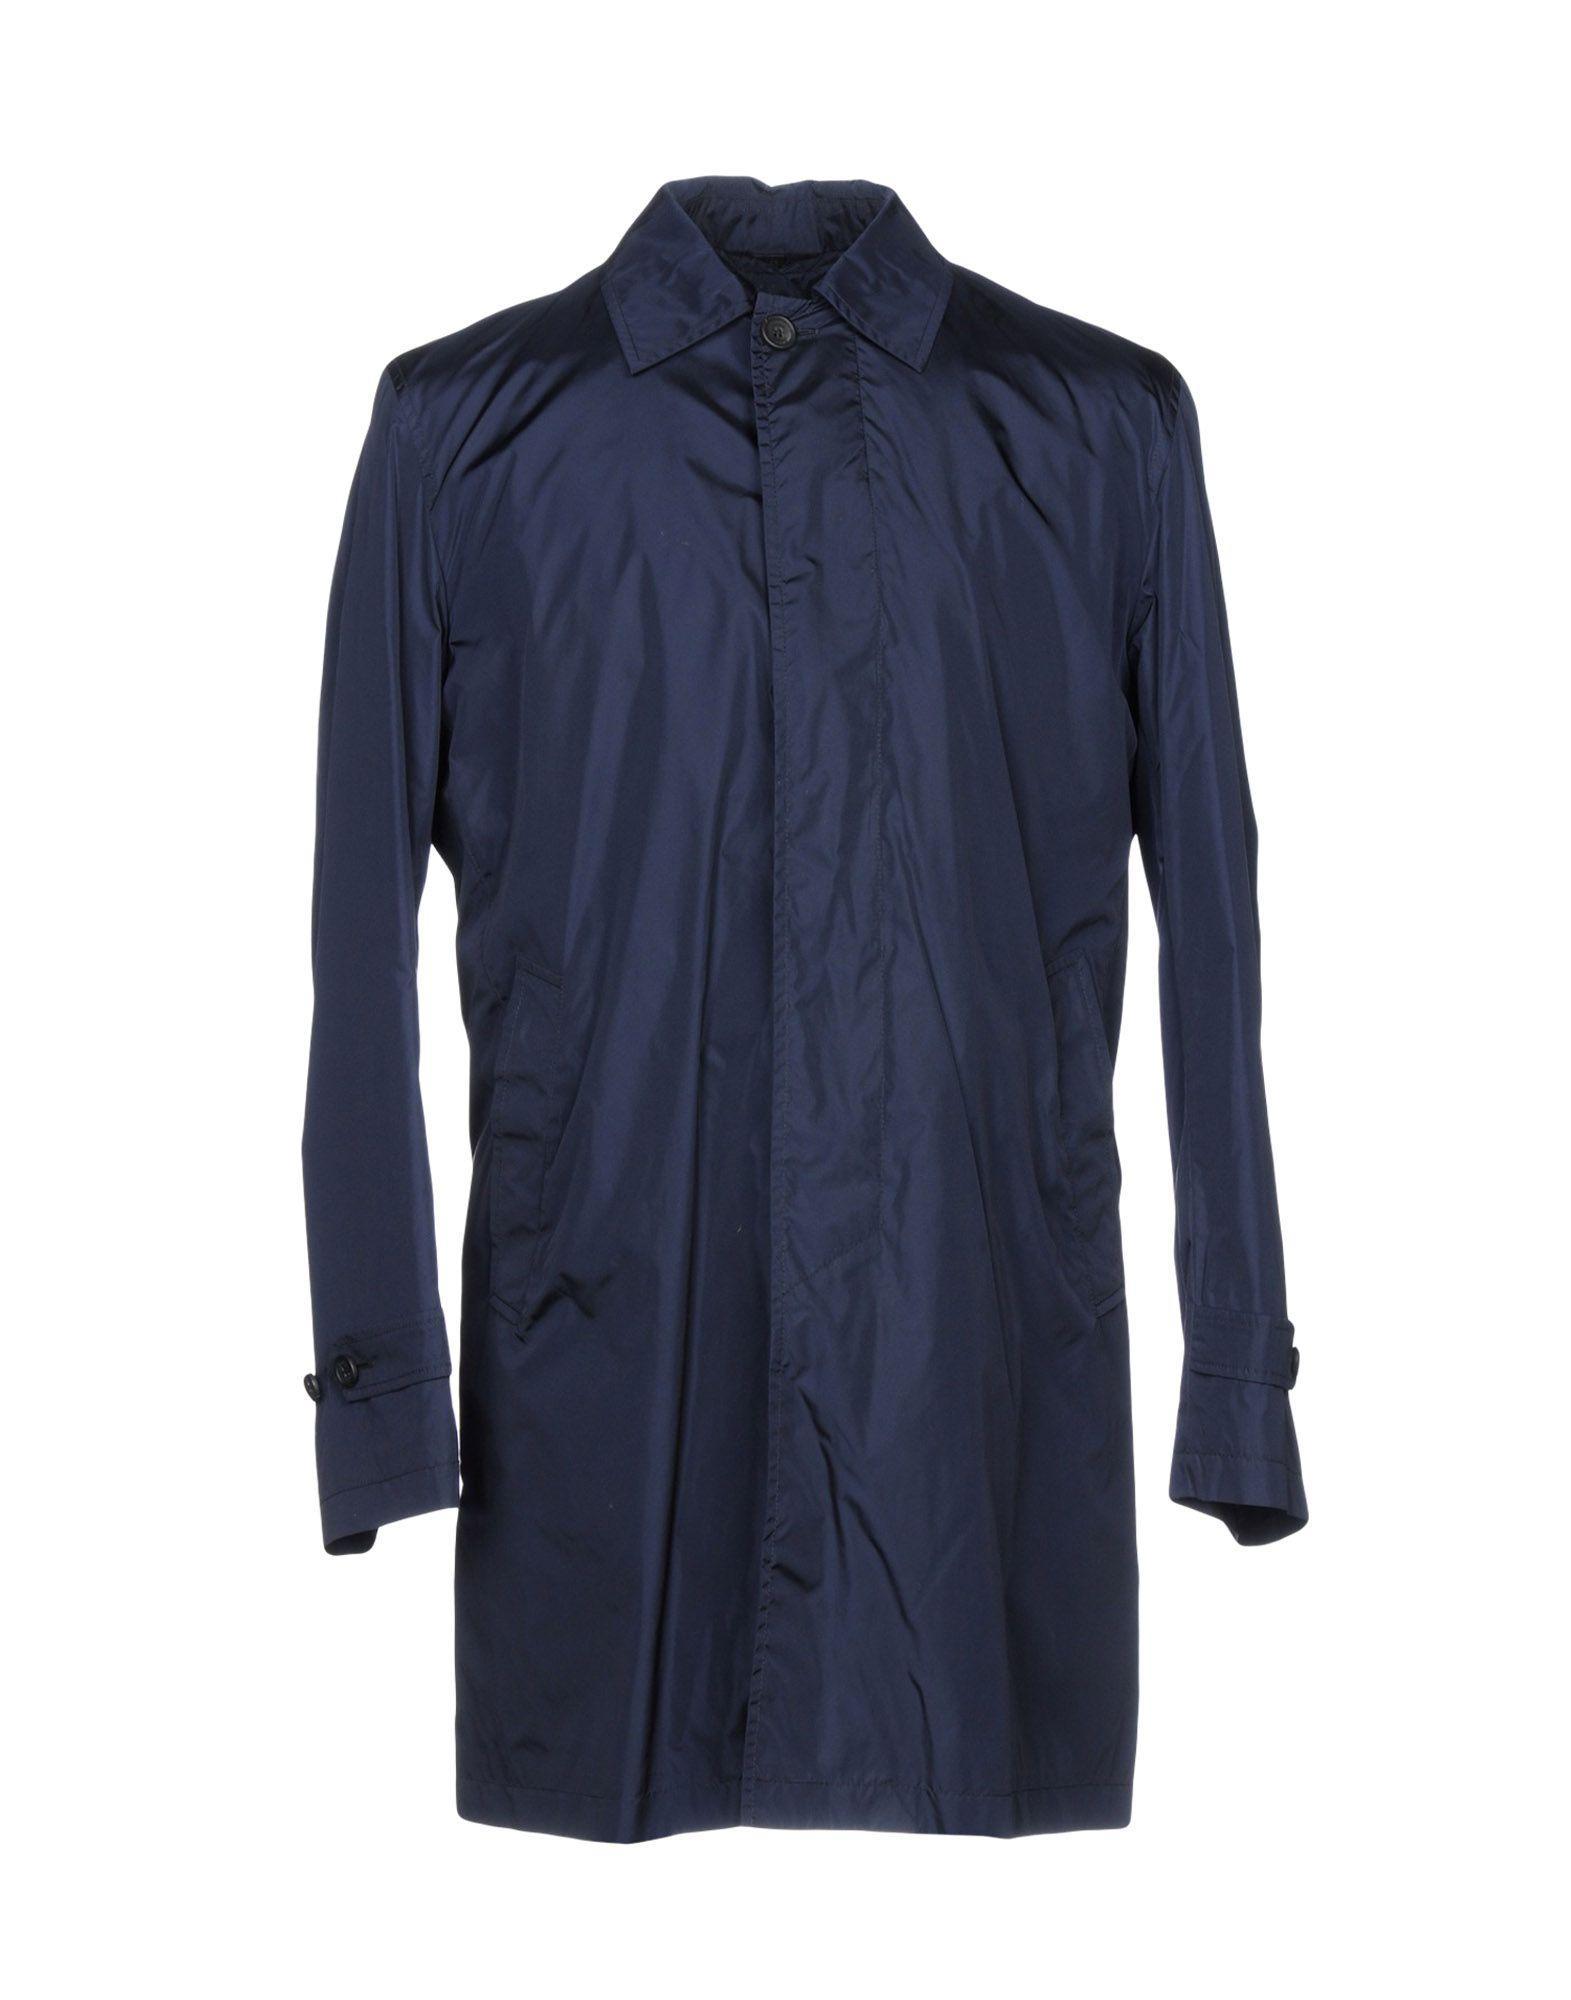 Sealup Overcoats In Dark Blue